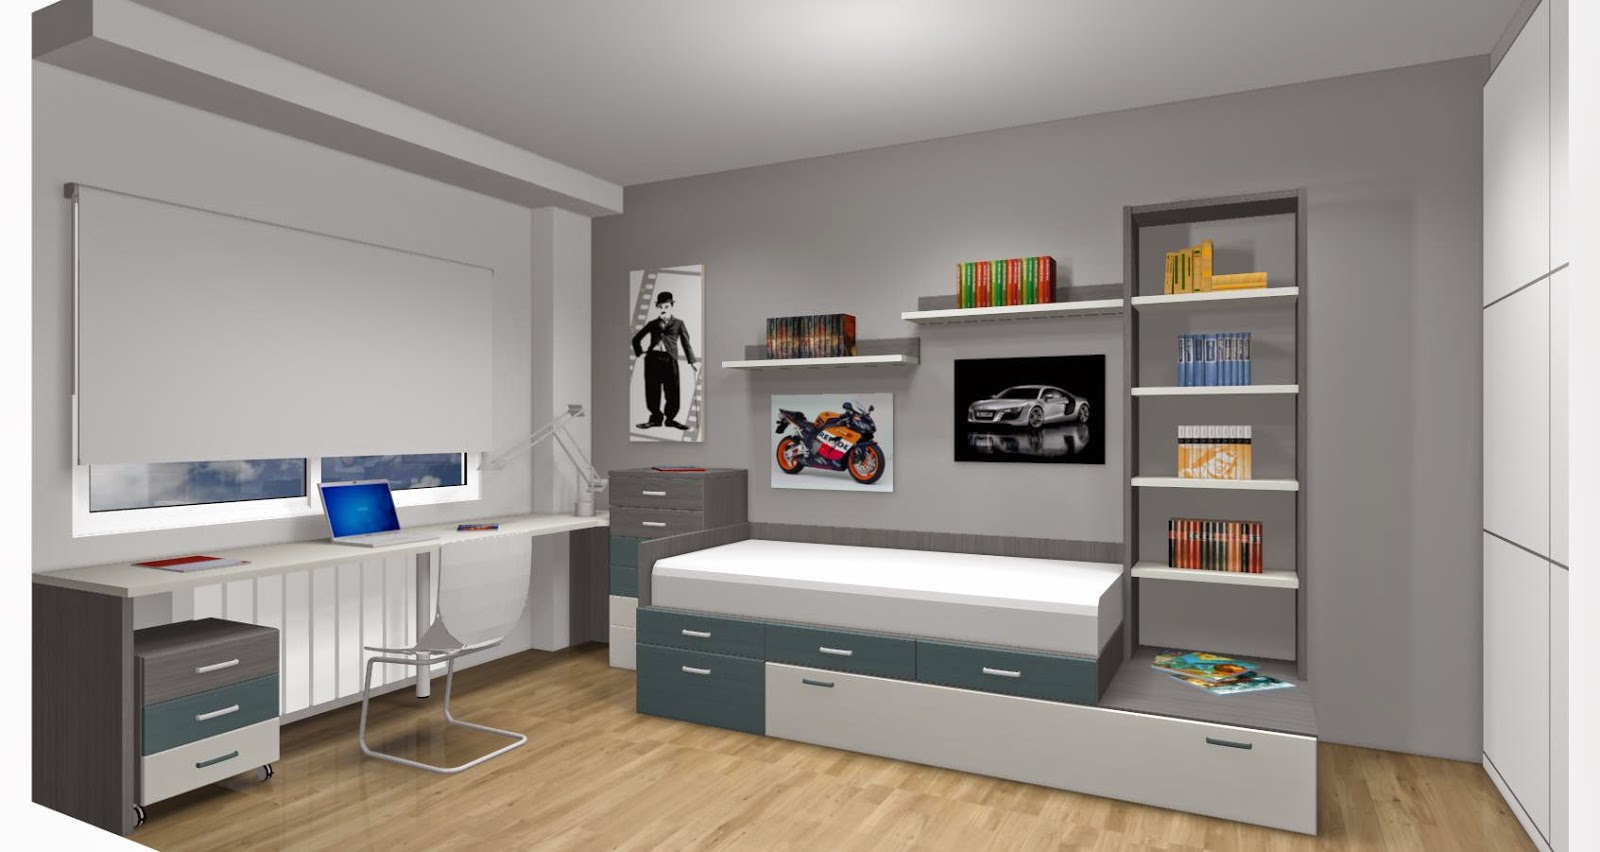 Revista el mueble dormitorios juveniles gallery of - Muebles dormitorios infantiles ...